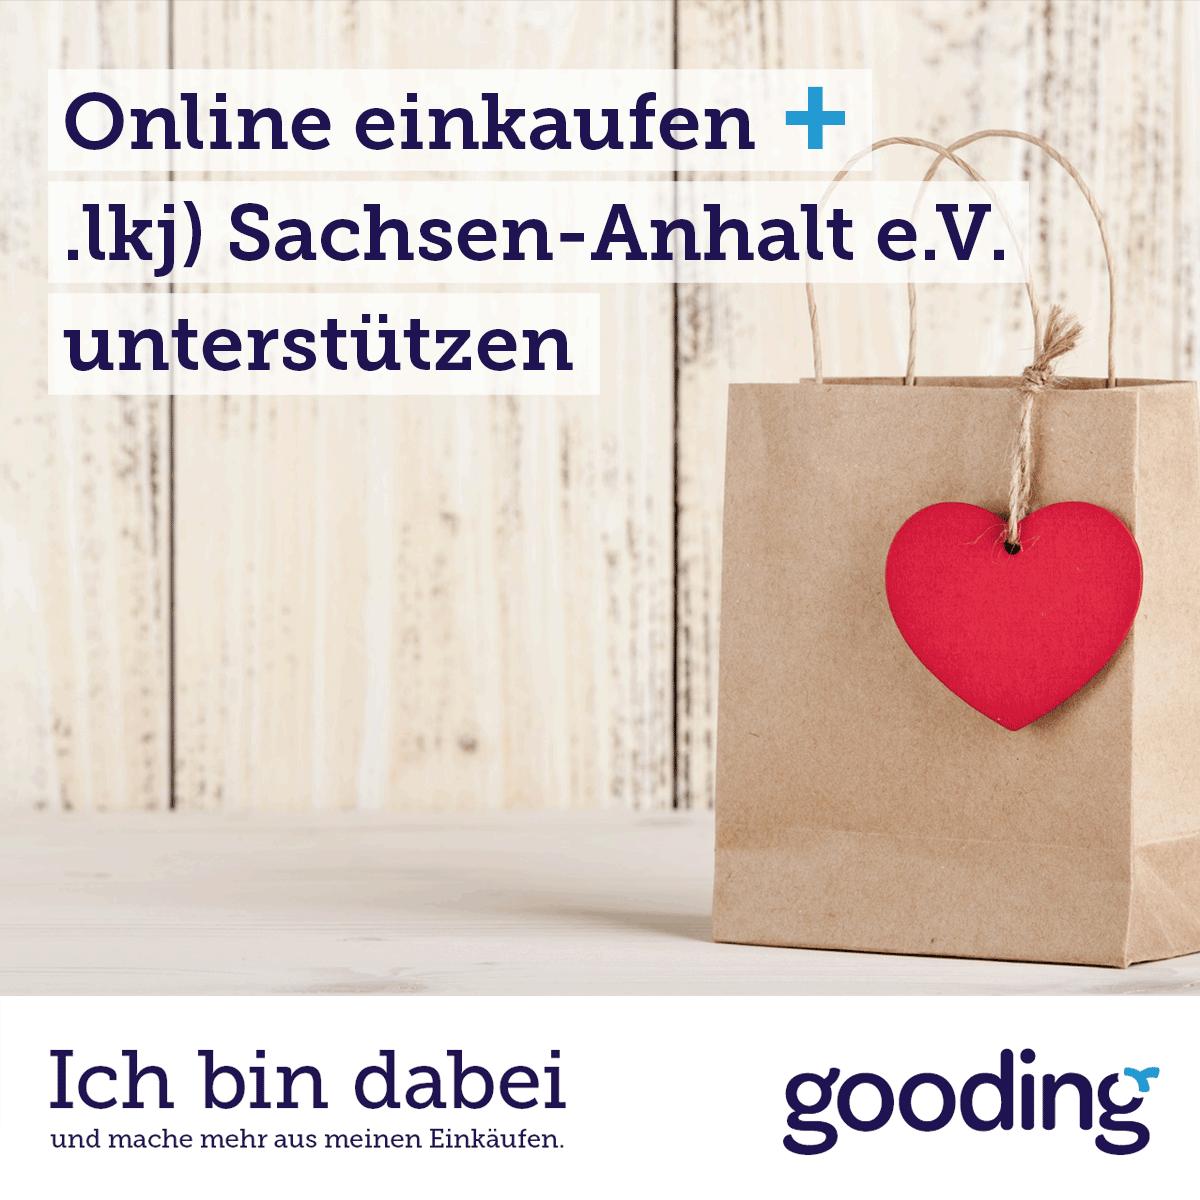 Online Einkaufen und Verein unterstützen